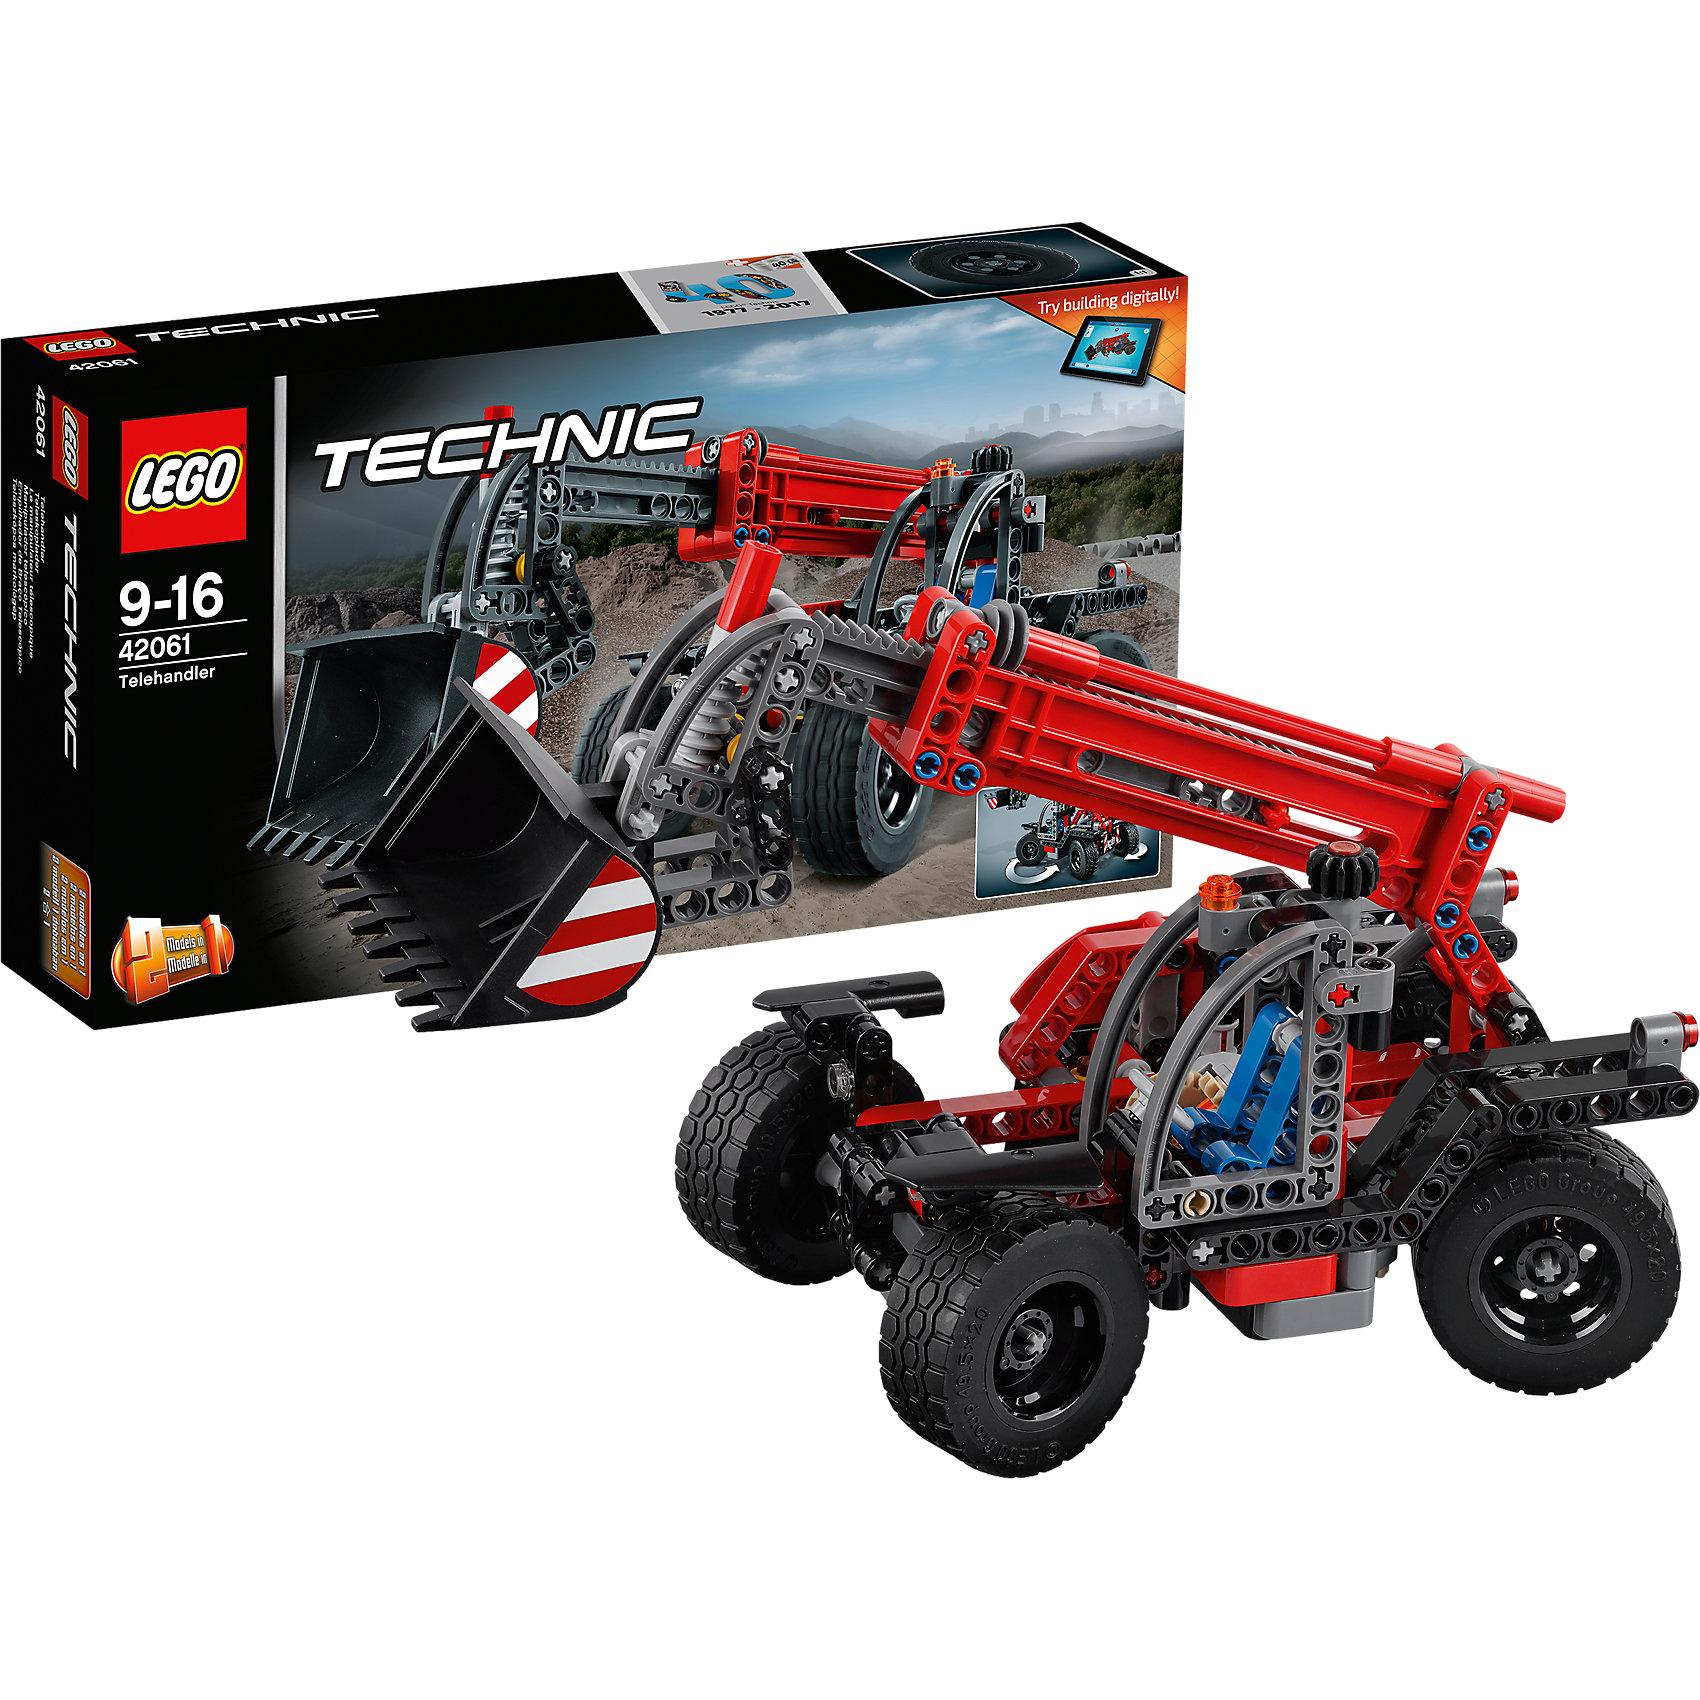 LEGO Technic 42061: Телескопический погрузчикПластмассовые конструкторы<br>LEGO Technic 42061: Телескопический погрузчик<br><br>Характеристики:<br><br>- в набор входит: детали погрузчика, наклейки, инструкция по сборке<br>- состав: пластик<br>- количество деталей: 260<br>- приблизительное время сборки: 30 мин.<br>- размер упаковки: 35 * 7 * 19 см.<br>- размер погрузчика: 25,5 * 11 * 12 см.<br>- для детей в возрасте: от 9 до 16 лет<br>- Страна производитель: Дания/Китай/Чехия<br><br>Легендарный конструктор LEGO (ЛЕГО) представляет серию «Technic», которая бросает вызов уже опытным строителям ЛЕГО. Ваш ребенок может строить продвинутые модели с реальными функциями, такими как коробки передач и системы рулевого управления. В набор включена уникальная деталь, посвященная сорокалетию серии. Наслаждайтесь строительством реалистичного погрузчика с четырьмя поворачивающимися и регулируемыми колесами. <br><br>Детализированная открытая кабина с рулем и креслом для рабочего понравится фанатам моделей. Новые механизмы и новые детали этого набора позволяют ковшу подниматься, выдвигаться вперед и медленно опрокидывать его содержимое. Система поворота колес имеет интересный цепной механизм, регулируемый одним рычагом сразу четыре колеса, маневренность погрузчика значительно увеличивается за счет этого механизма. Телескопический погрузчик перестраивается в еще одну модель – экскаватор, обе модели имеют дополнительные объемные интерактивные инструкции на вебсайте ЛЕГО. <br><br>Играя с конструктором ребенок развивает моторику рук, воображение и логическое мышление, научится собирать по инструкции и создавать свои модели. Принимайте новые вызовы по сборке моделей и придумывайте новые истории с набором LEGO «Technic»!<br><br>Конструктор LEGO Technic 42061: Телескопический погрузчик можно купить в нашем интернет-магазине.<br><br>Ширина мм: 356<br>Глубина мм: 192<br>Высота мм: 76<br>Вес г: 573<br>Возраст от месяцев: 108<br>Возраст до месяцев: 192<br>Пол: Мужской<br>Возраст: Детский<br>SK